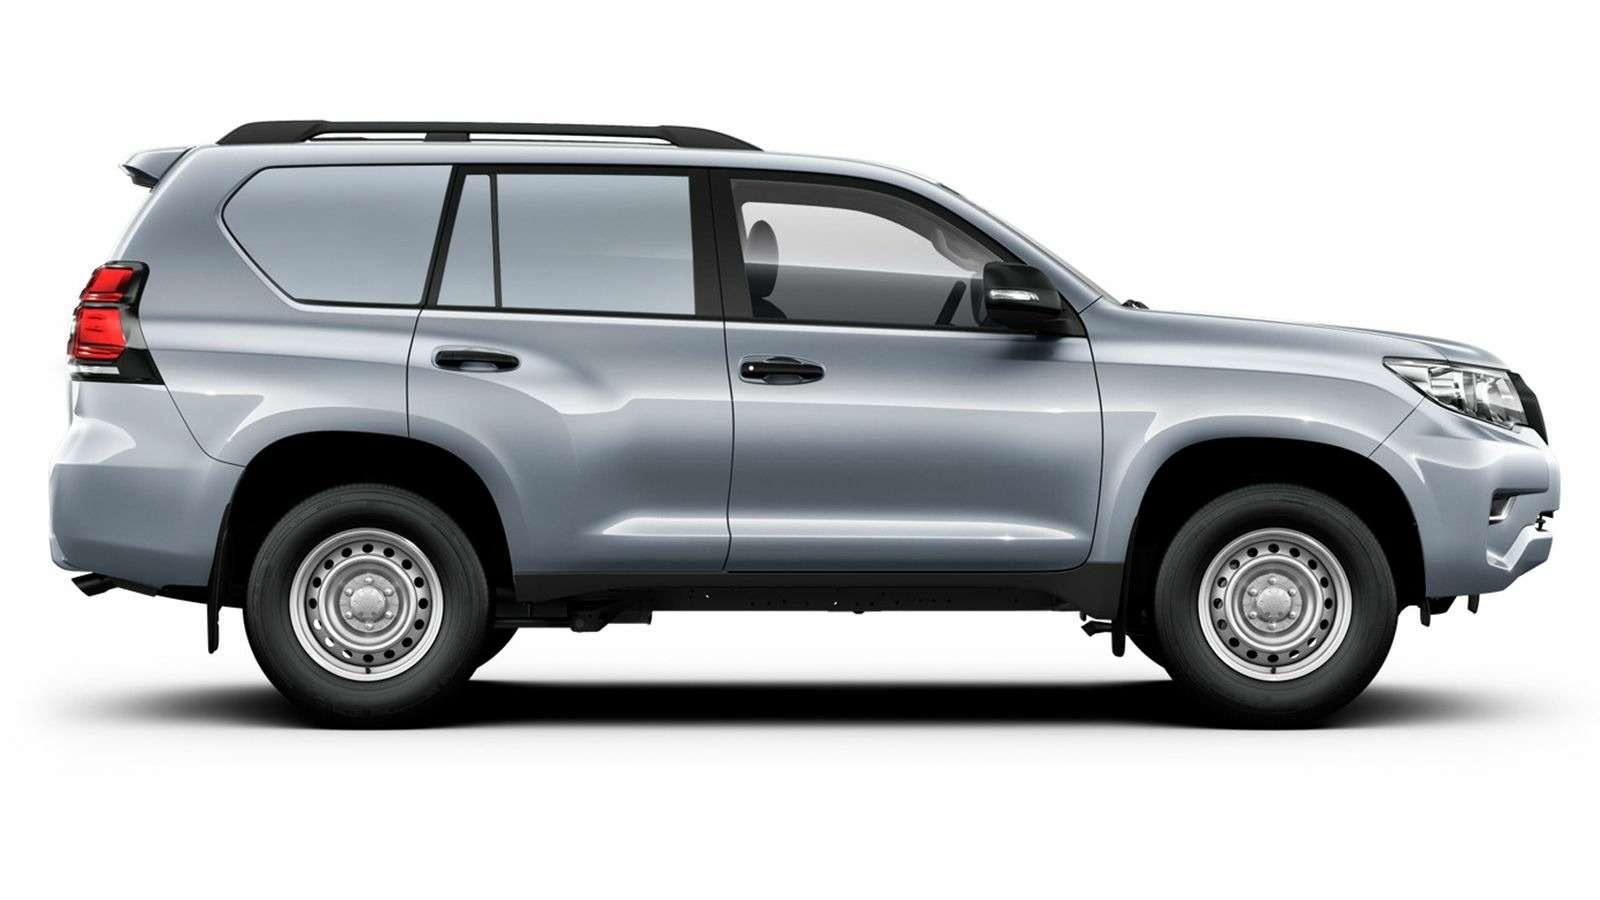 Toyota представила бюджетную версию внедорожника Land Cruiser Prado— фото 861942